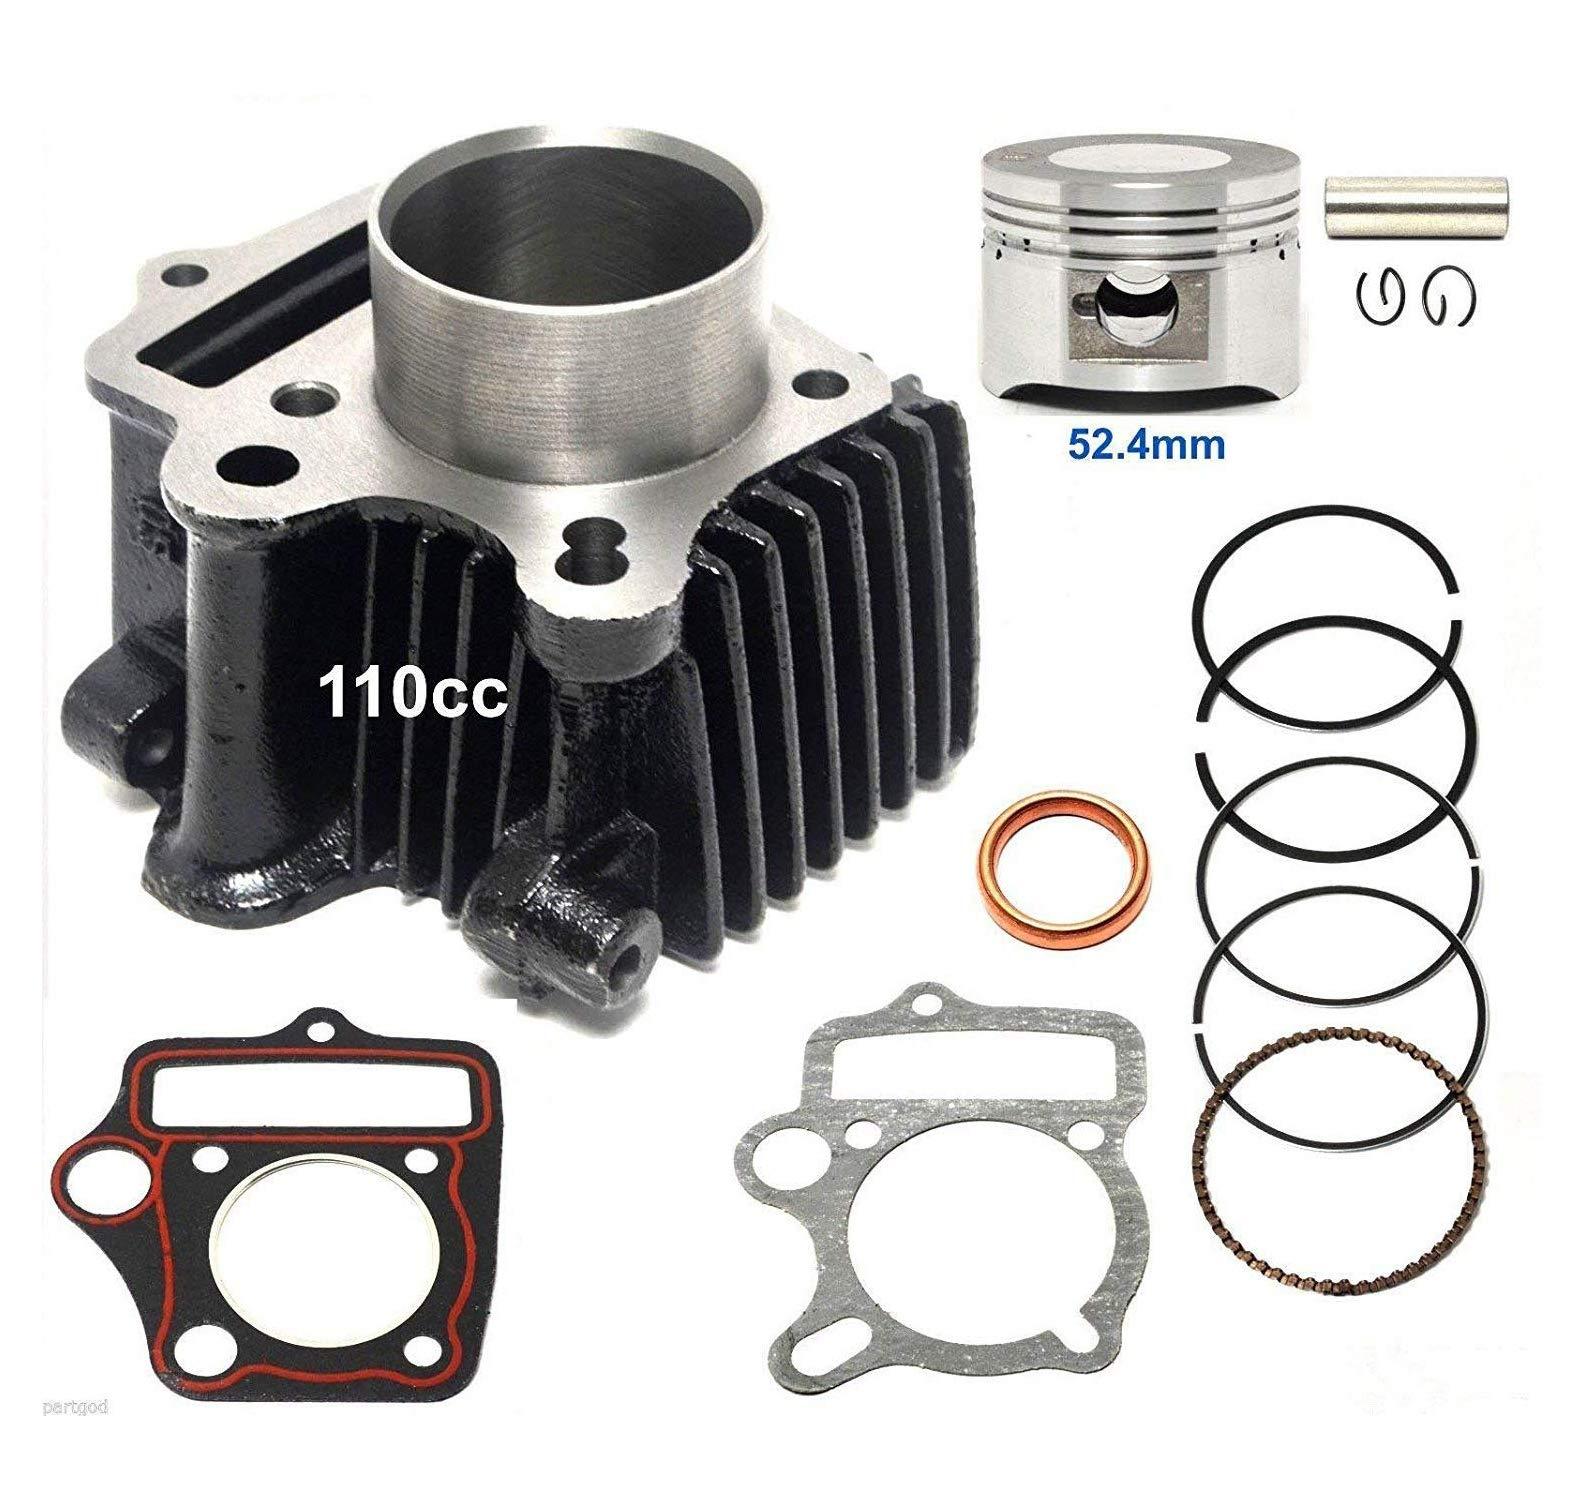 110cc Cylinder kit Piston Rings set compatible with TaoTao: BoulderB1, ATA 110 D/D1, ATA 125 D, ATA 125 F1, DB 14, DB 10, ATK 125 A, Jeep Auto, ATA 110 B/B1, ATA 135 DU, and NEW TFORCE